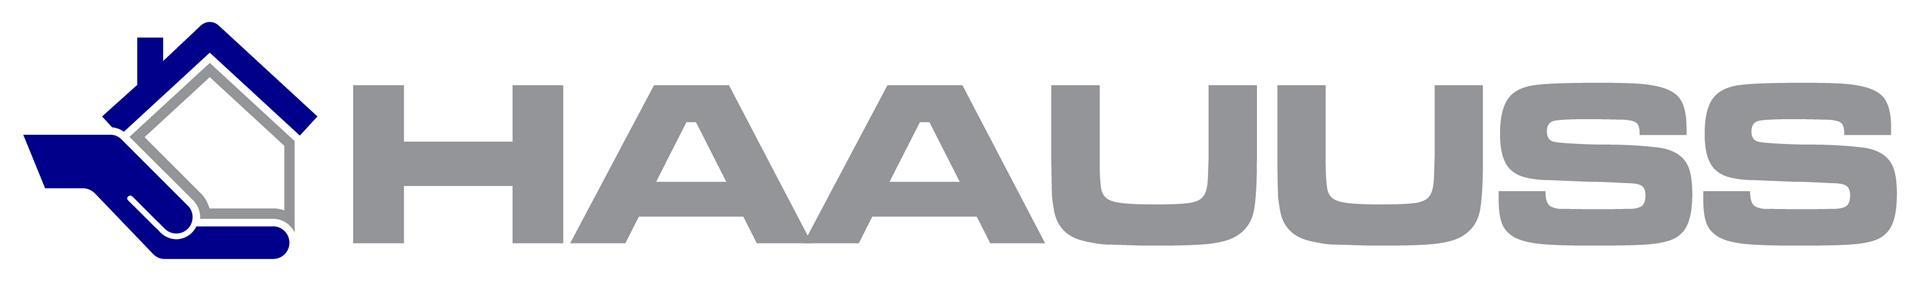 Haauuss